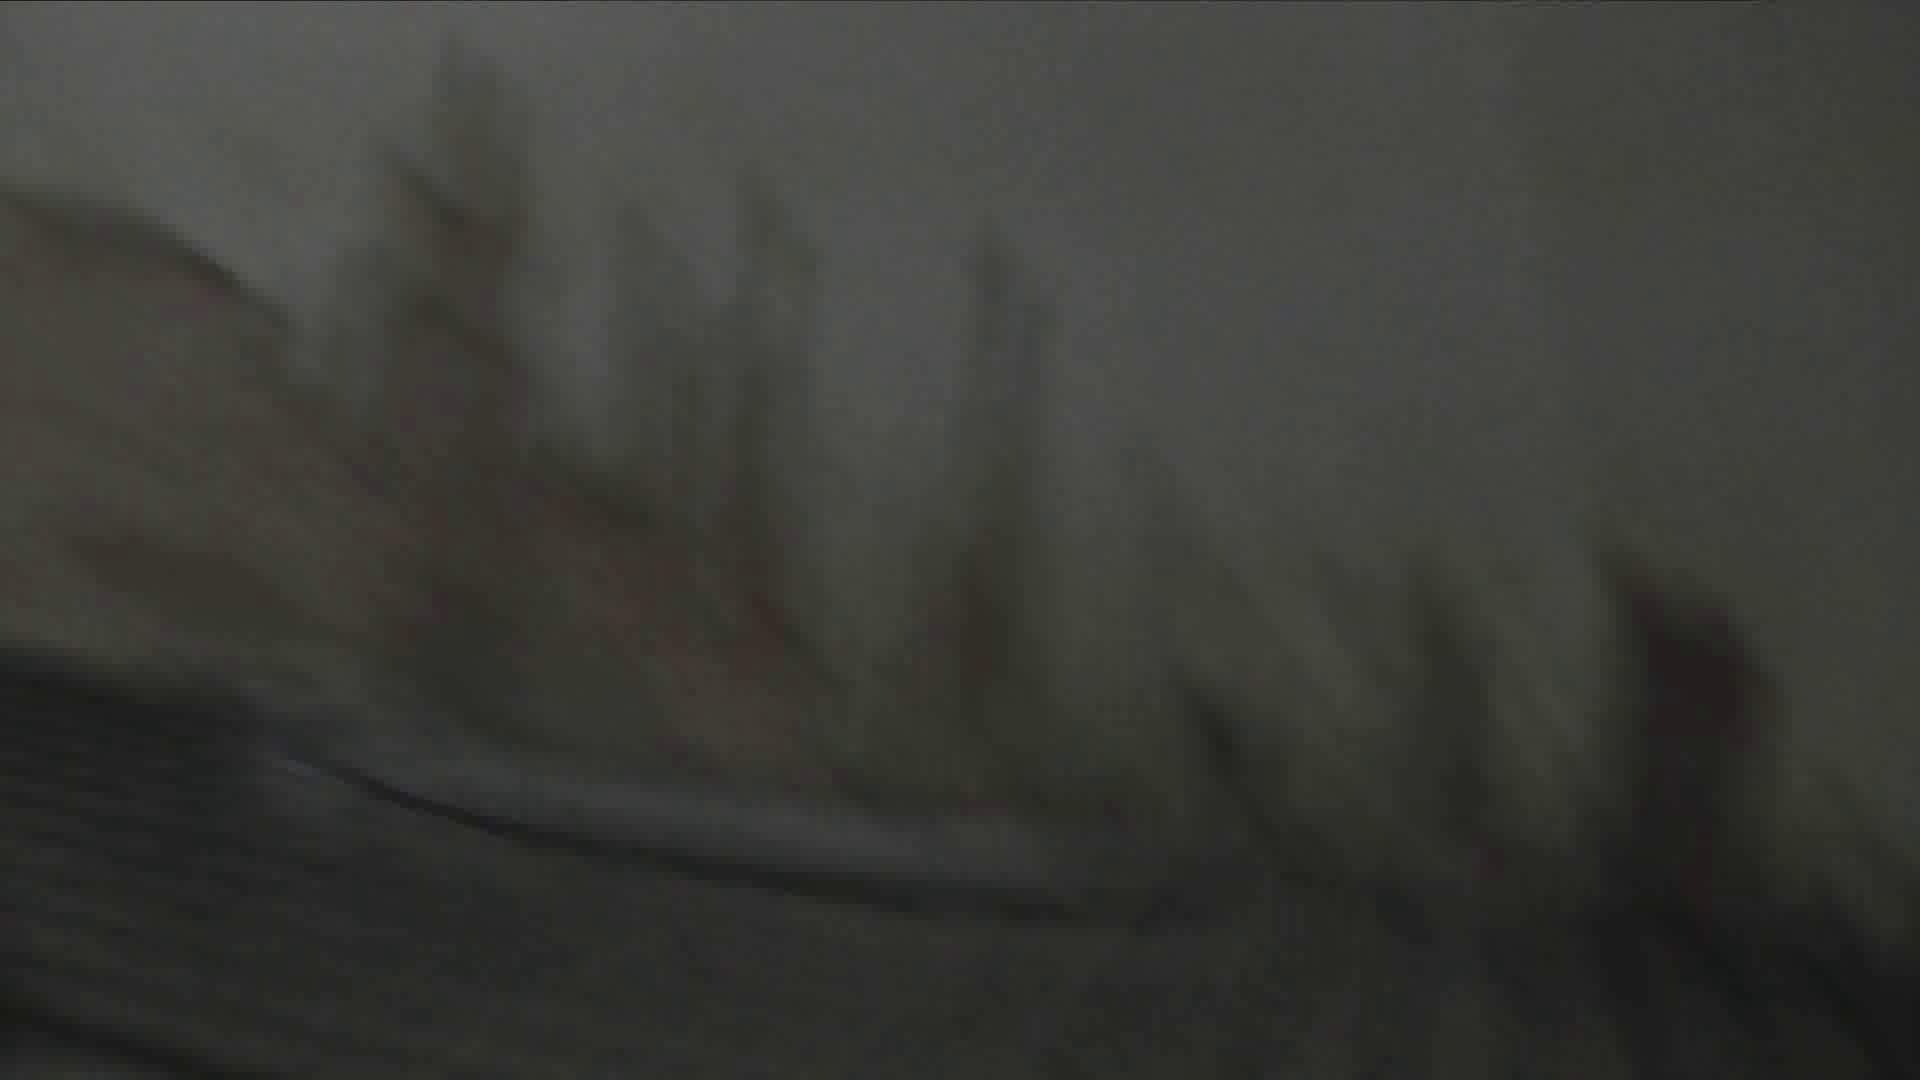 洗面所特攻隊 vol.027 ゴウモウ様 丸見えマンコ   洗面所  20画像 11